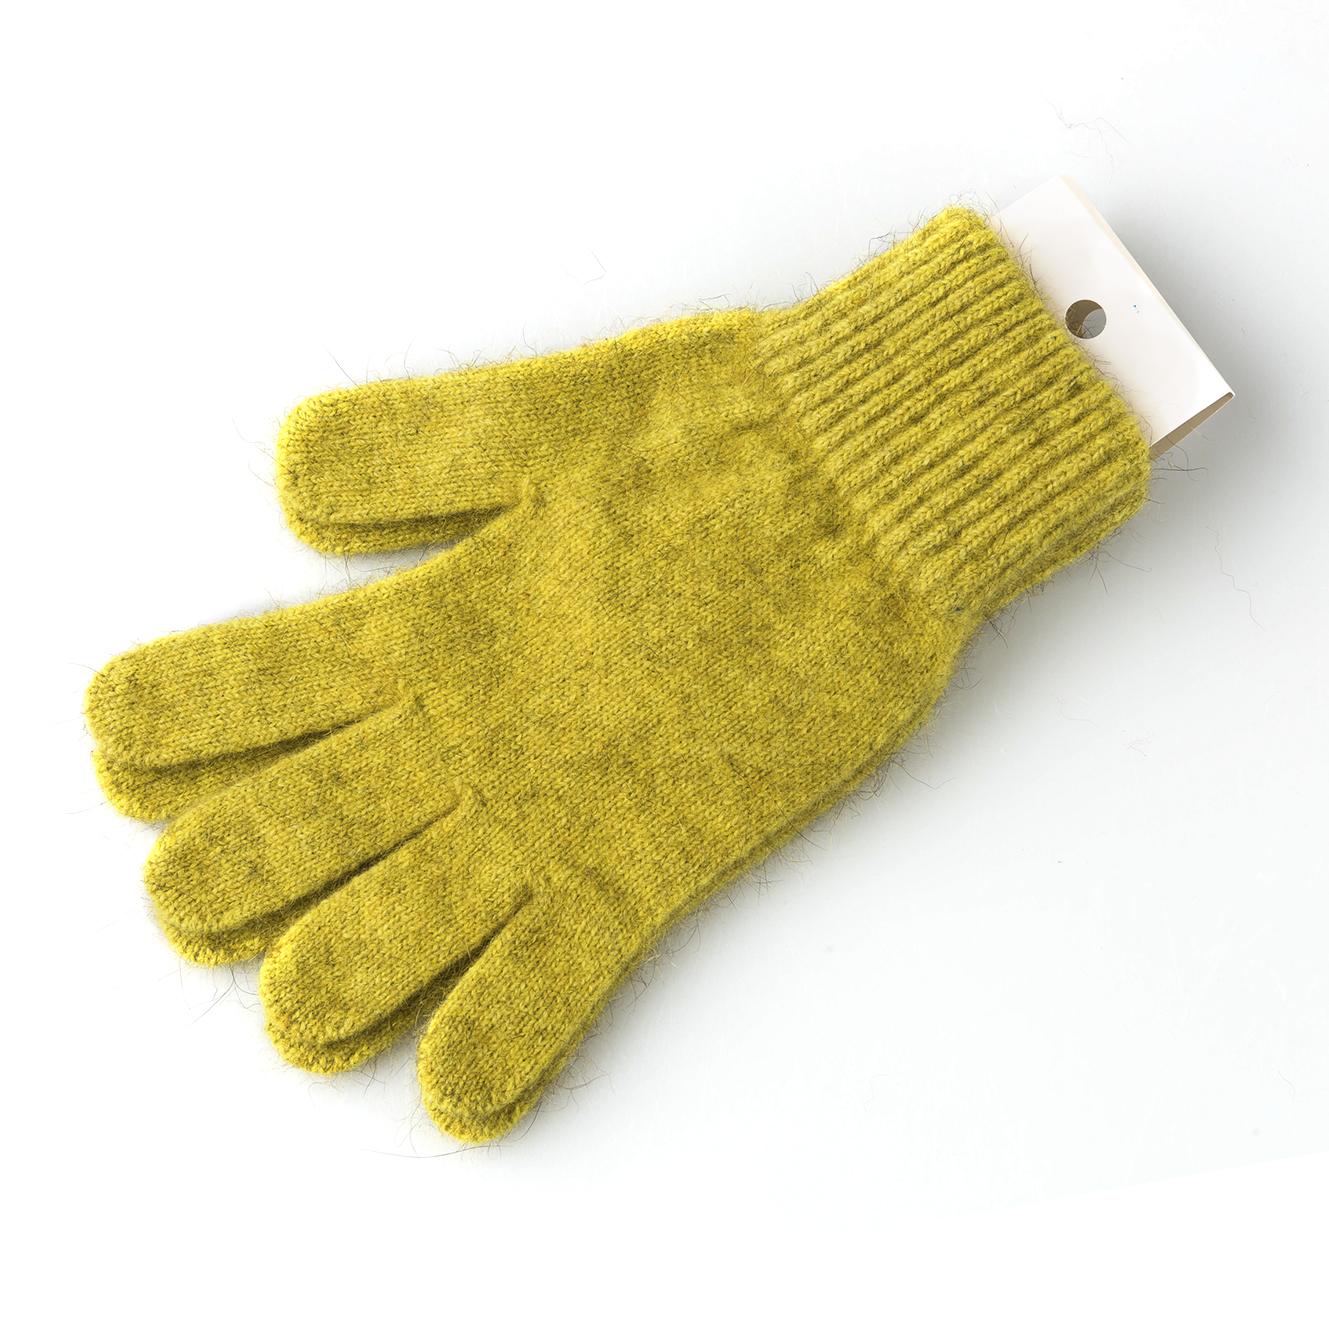 新西兰原产MERINOMINK 美利奴羊毛负鼠毛男女士针织手套 金黄 小号